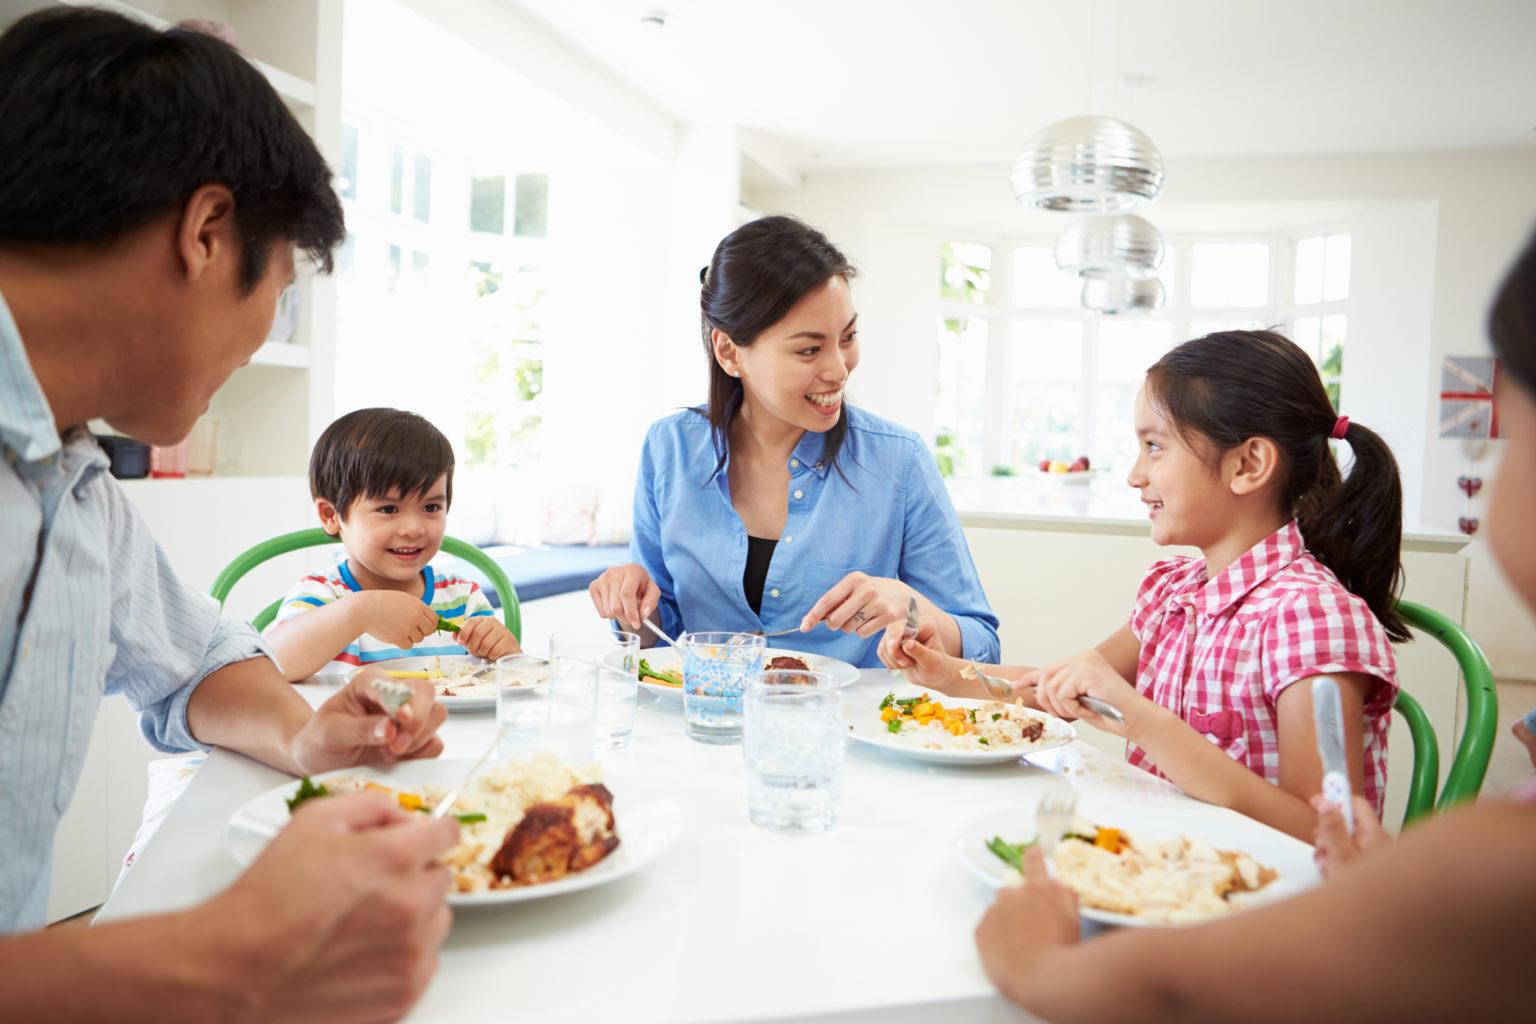 علاقة الطفل الصحية بالطعام